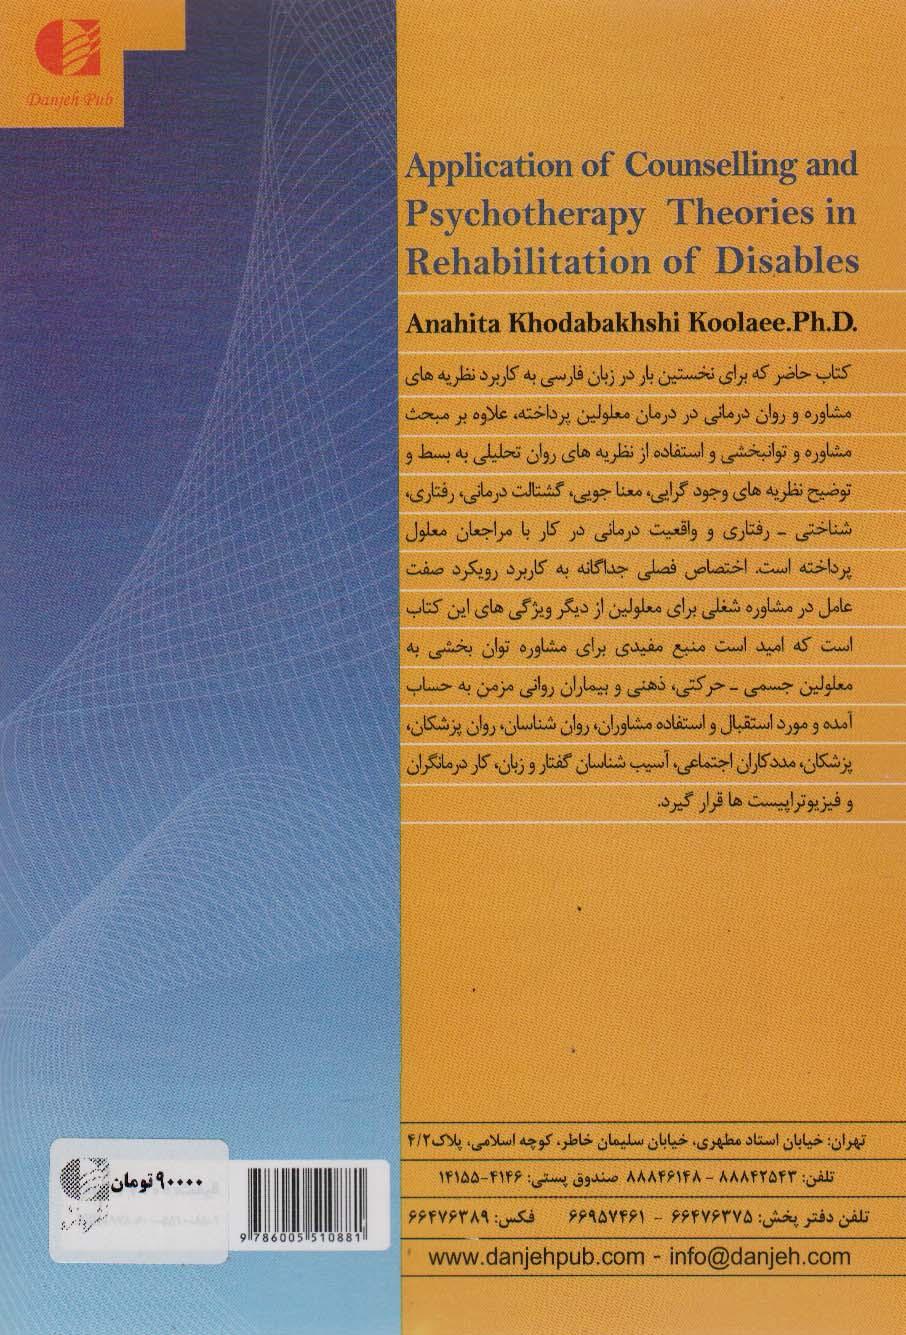 مشاوره و روان درمانی در توانبخشی معلولین (کاربرد نظریه ها)